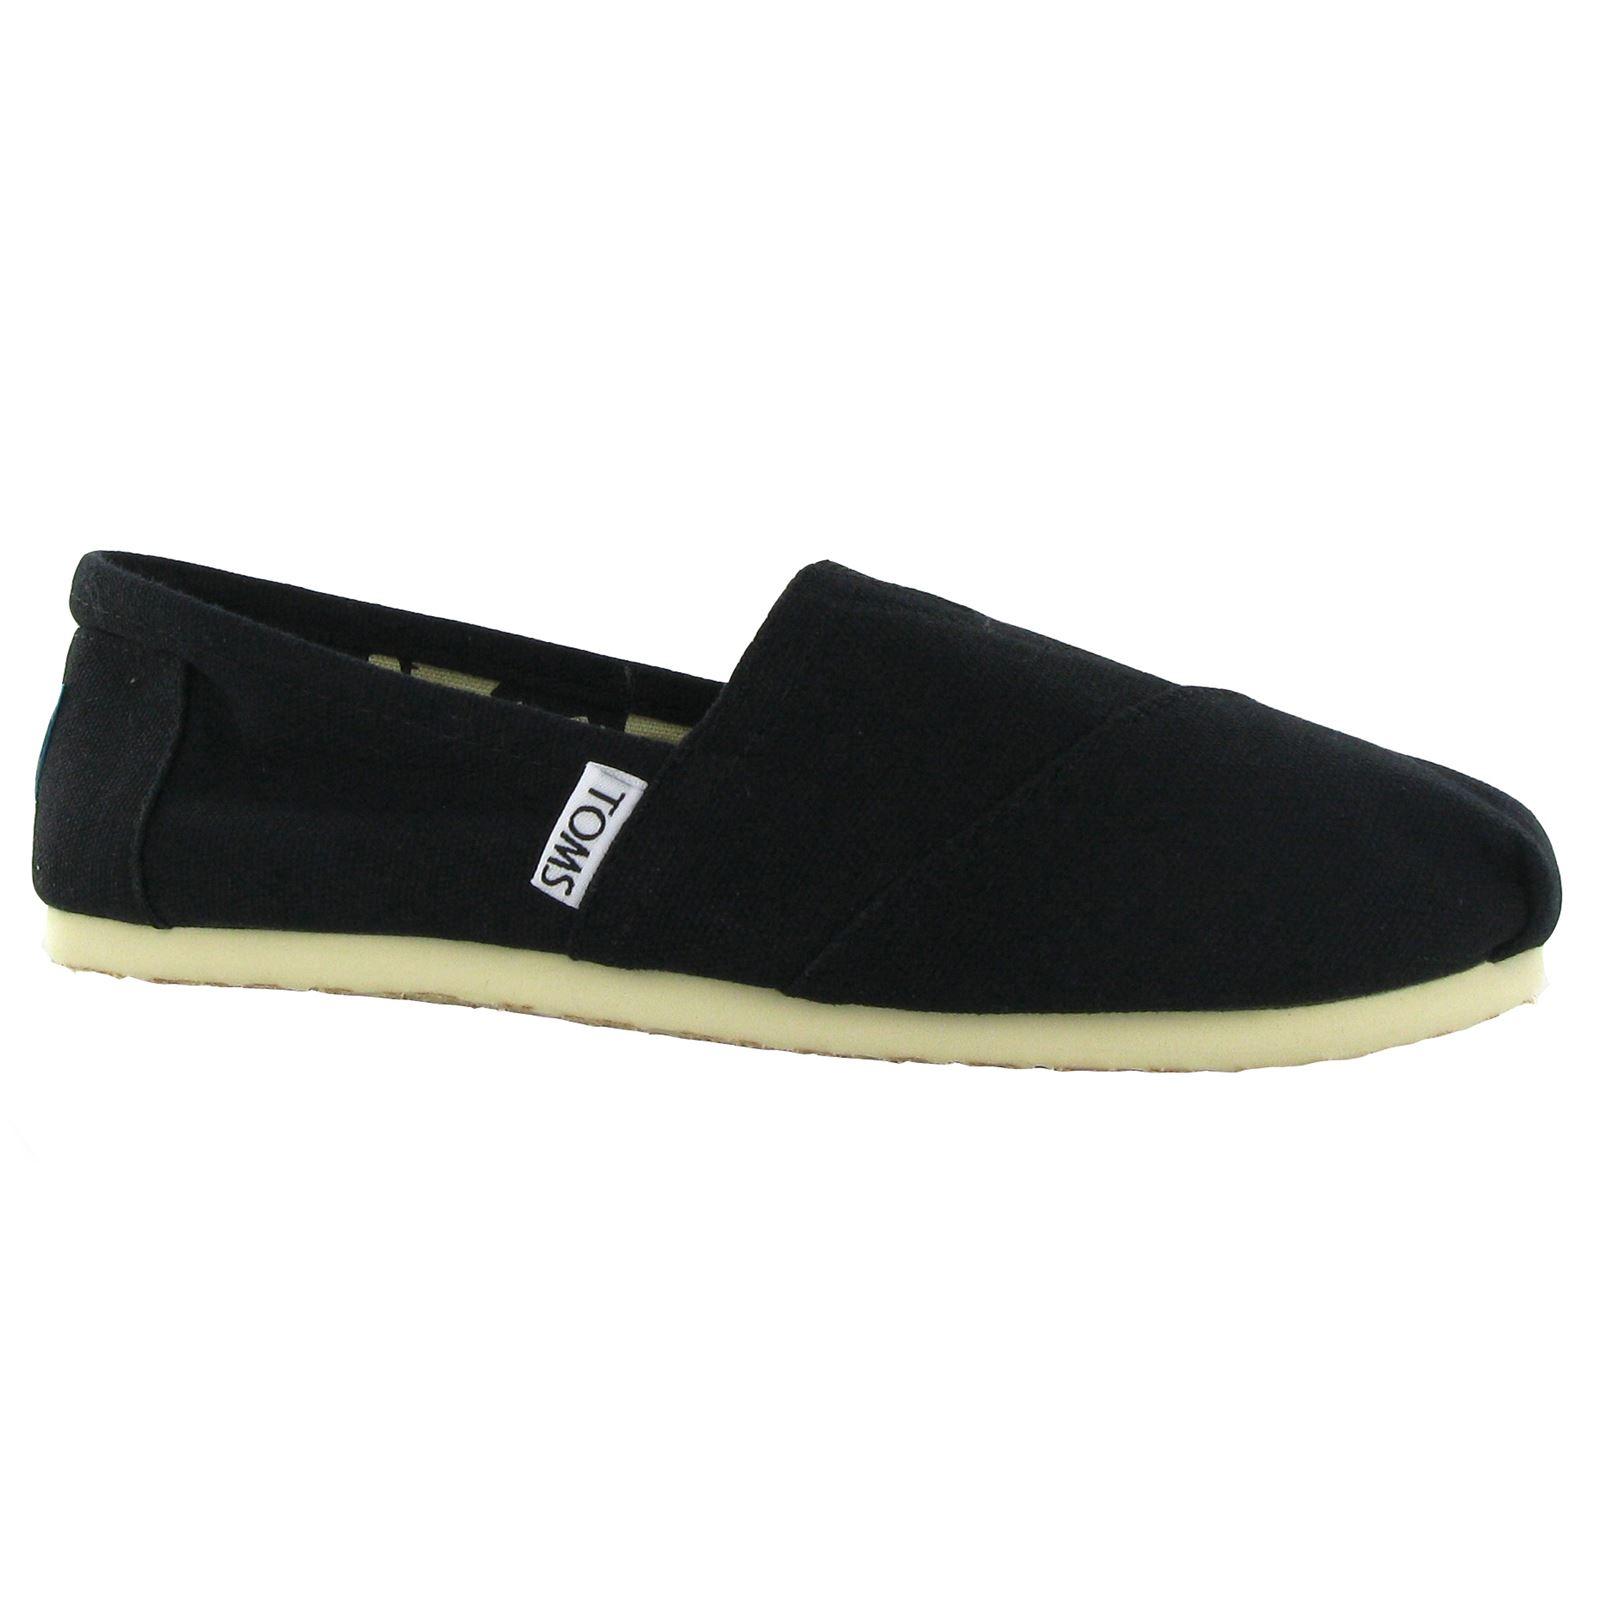 toms classic black canvas womens espadrilles shoes ebay